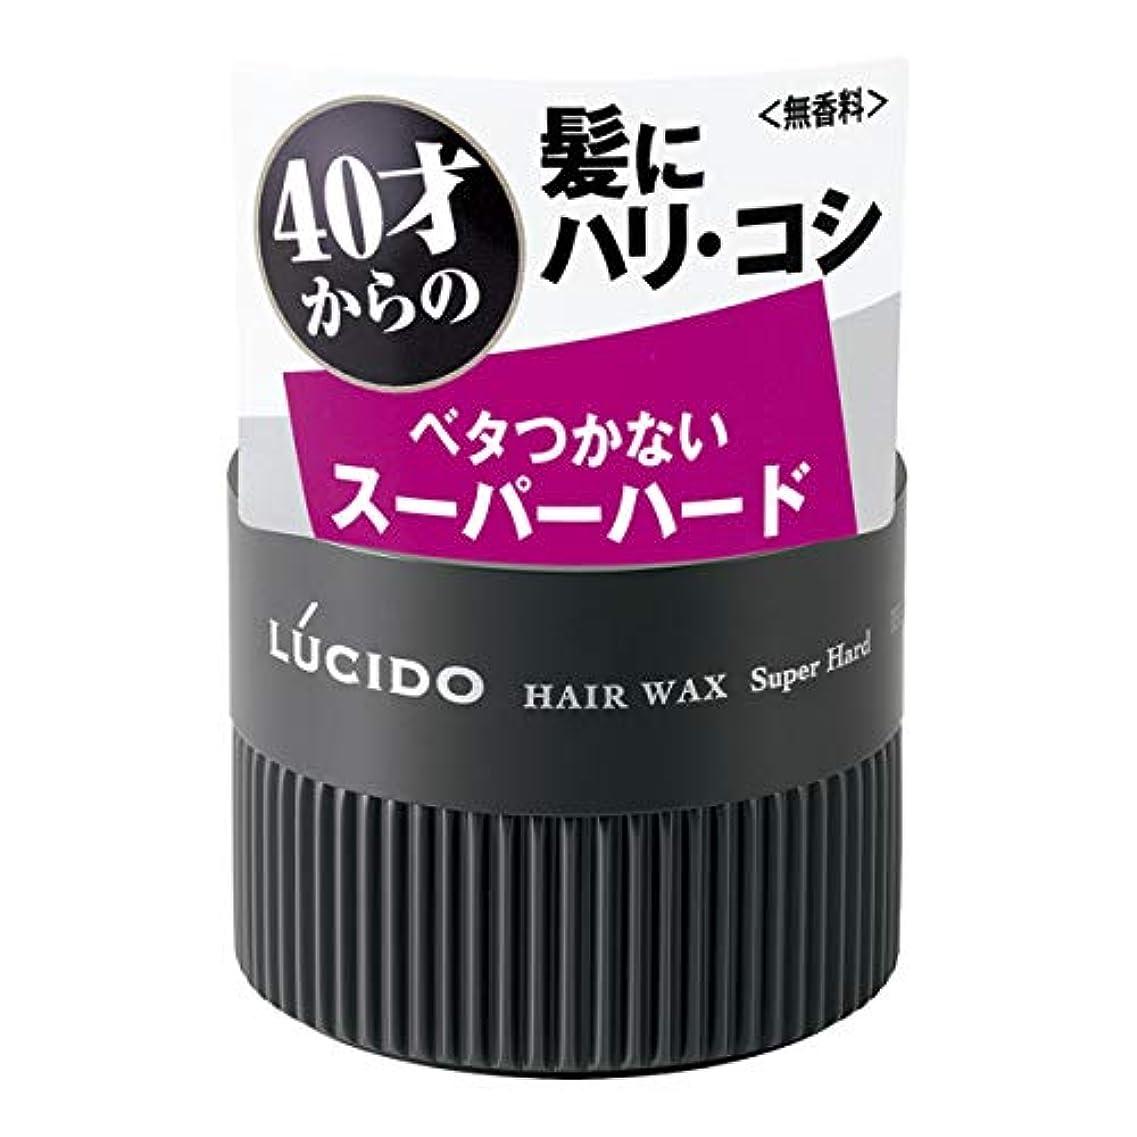 発音試み揃えるLUCIDO(ルシード) ヘアワックス スーパーハード 80g